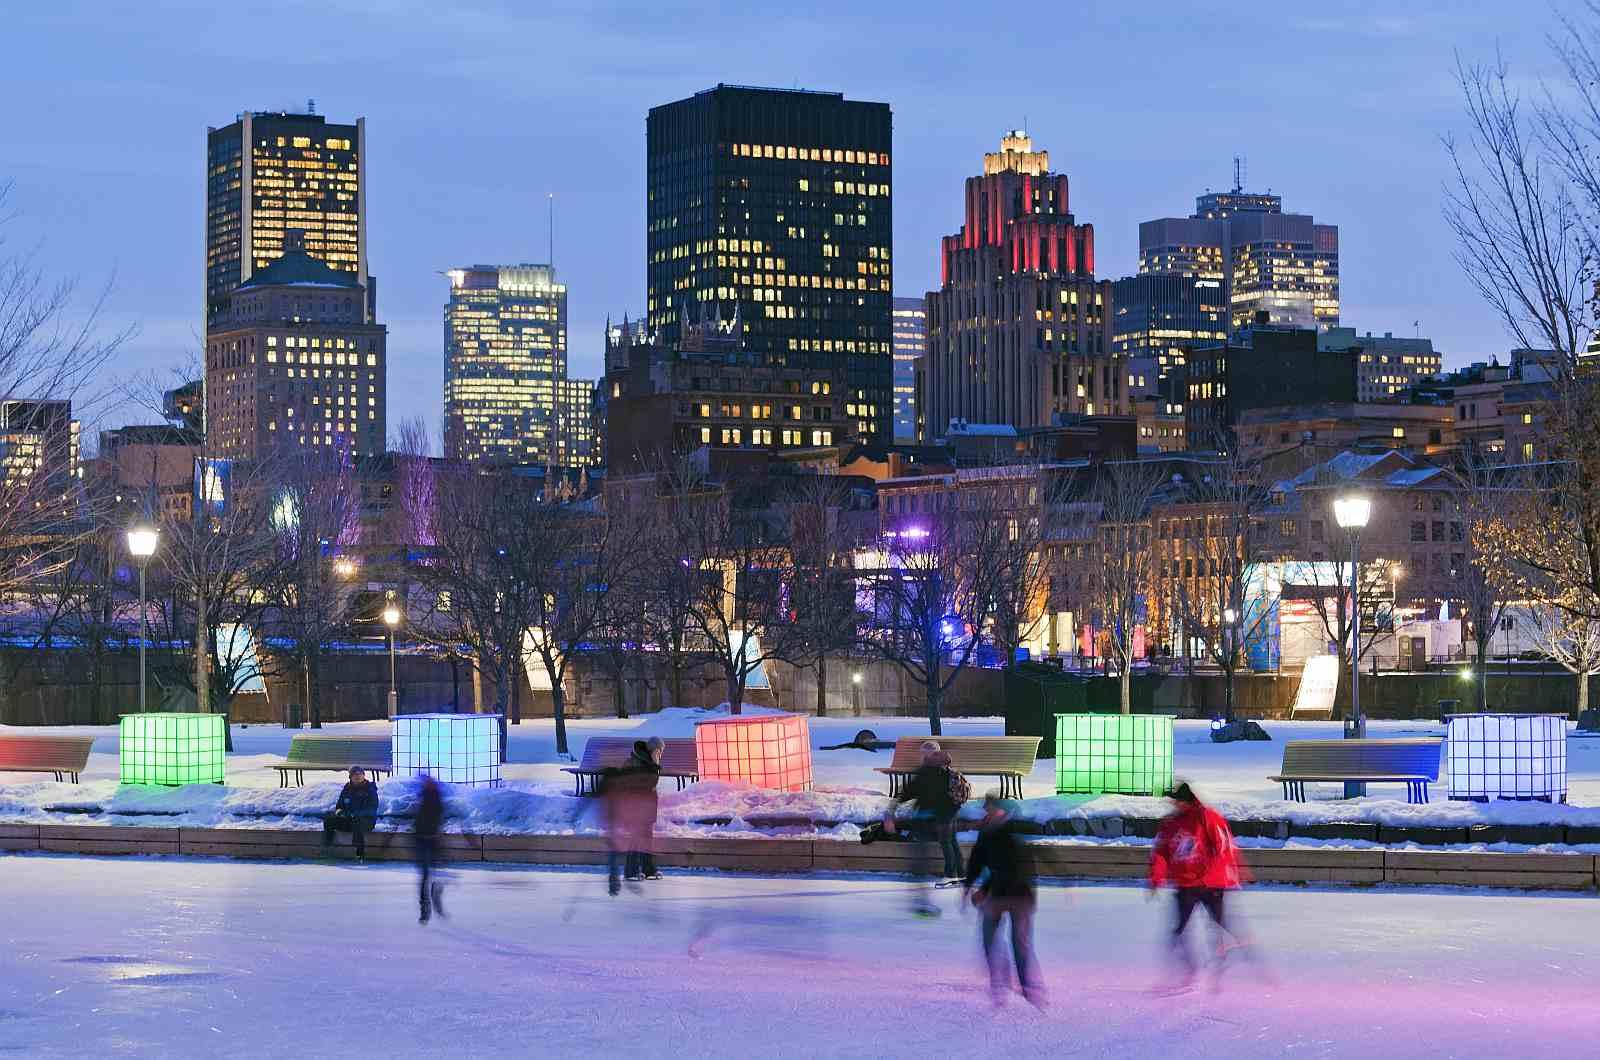 Eventos, festivales, conciertos, museos y expectativas climáticas de Montreal en febrero de 2017